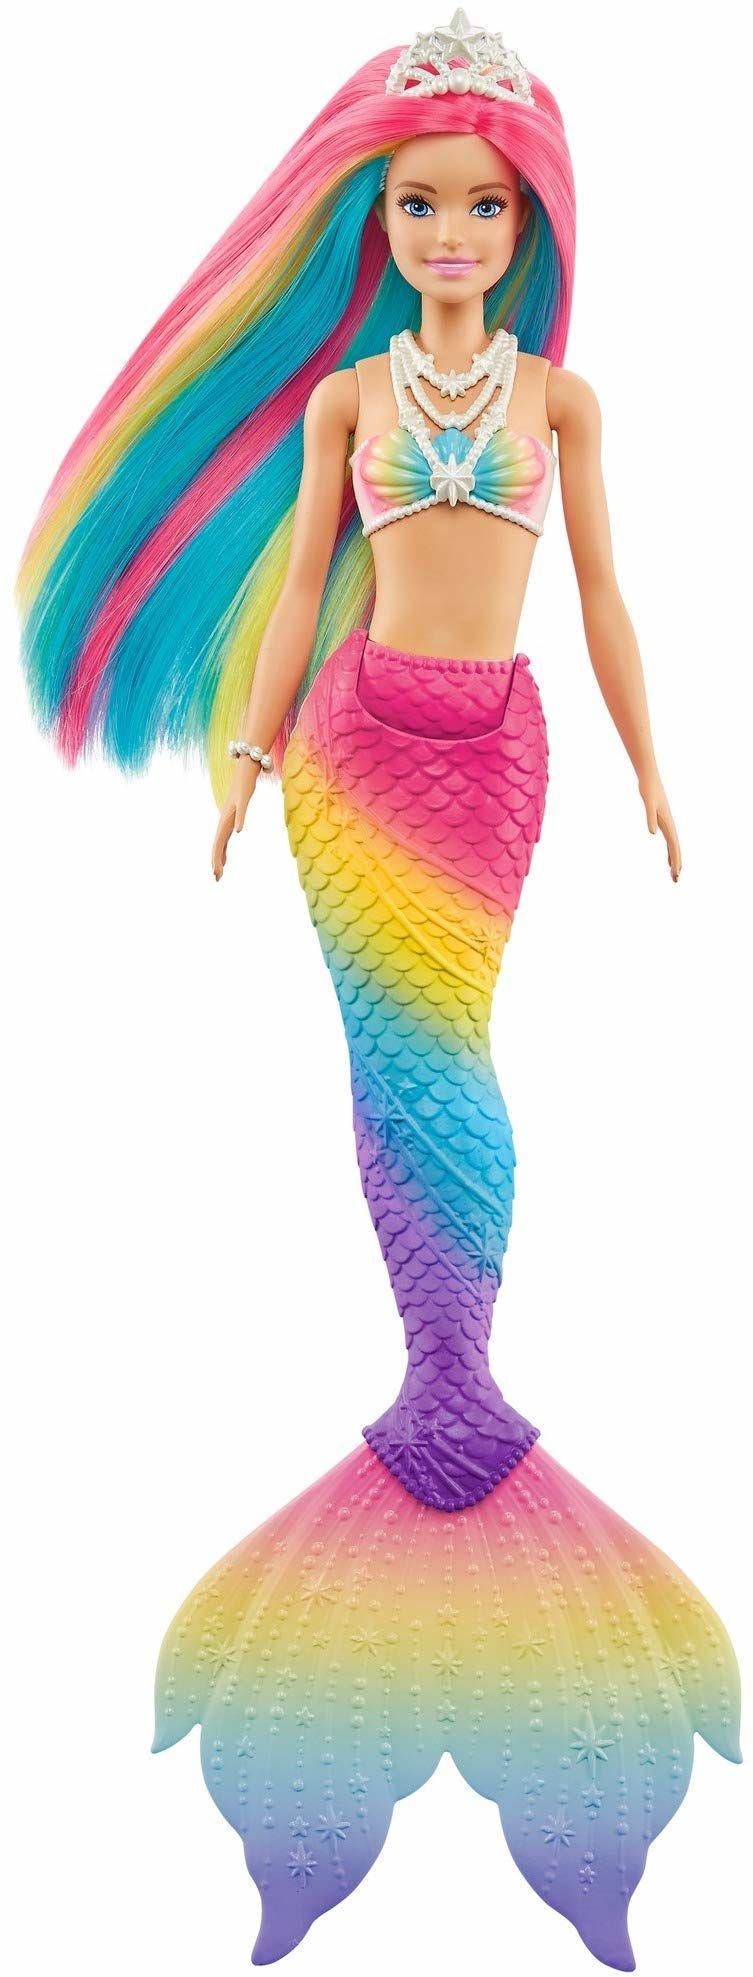 Barbie GTF89 Dreamtopia różdżka syrenki z tęczowymi włosami i funkcją zmiany koloru, prezent dla dzieci w wieku od 3 do 7 lat